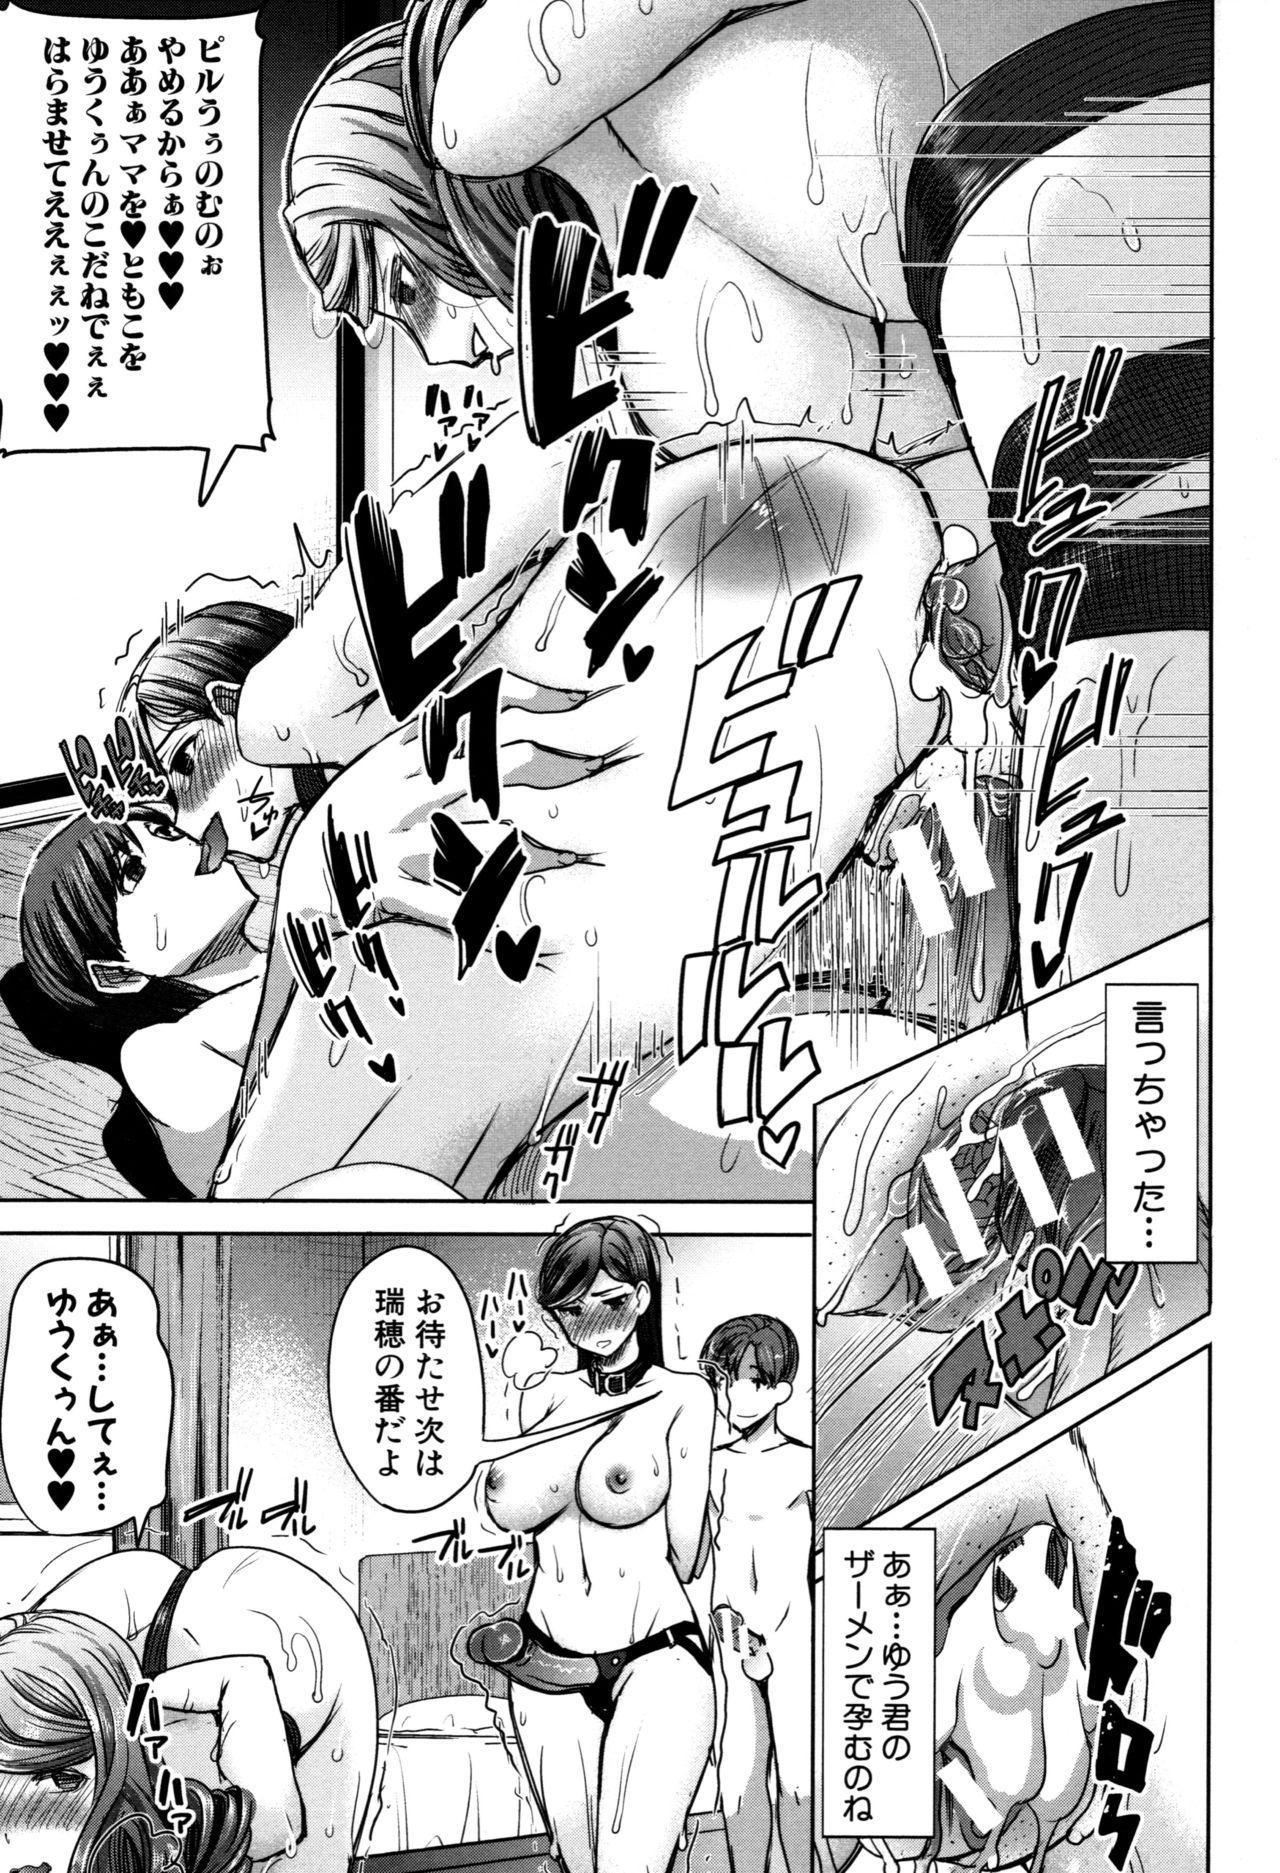 Unsweet - Asahina Ikka Netorareta Haha · Tomoko 122